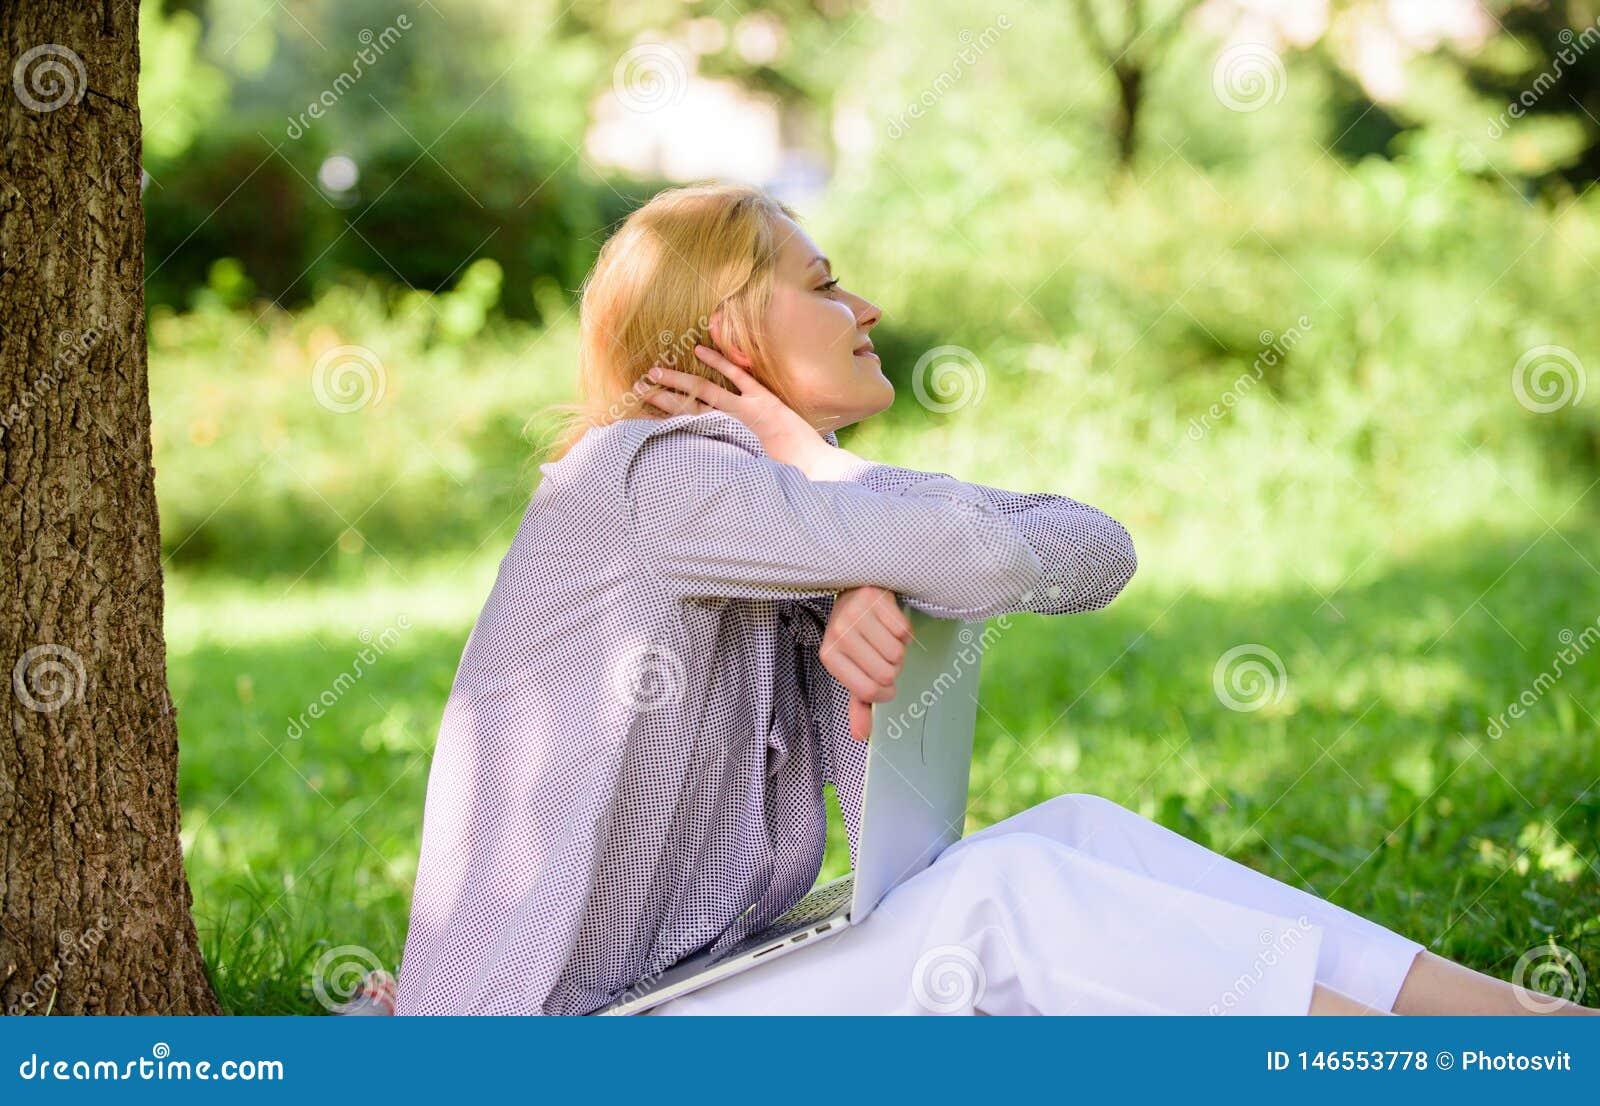 Женщина мечтательная с работой ноутбука outdoors Минута для мечты Мечта о новых работе или перестановке Ноутбук девушки мечтая вн